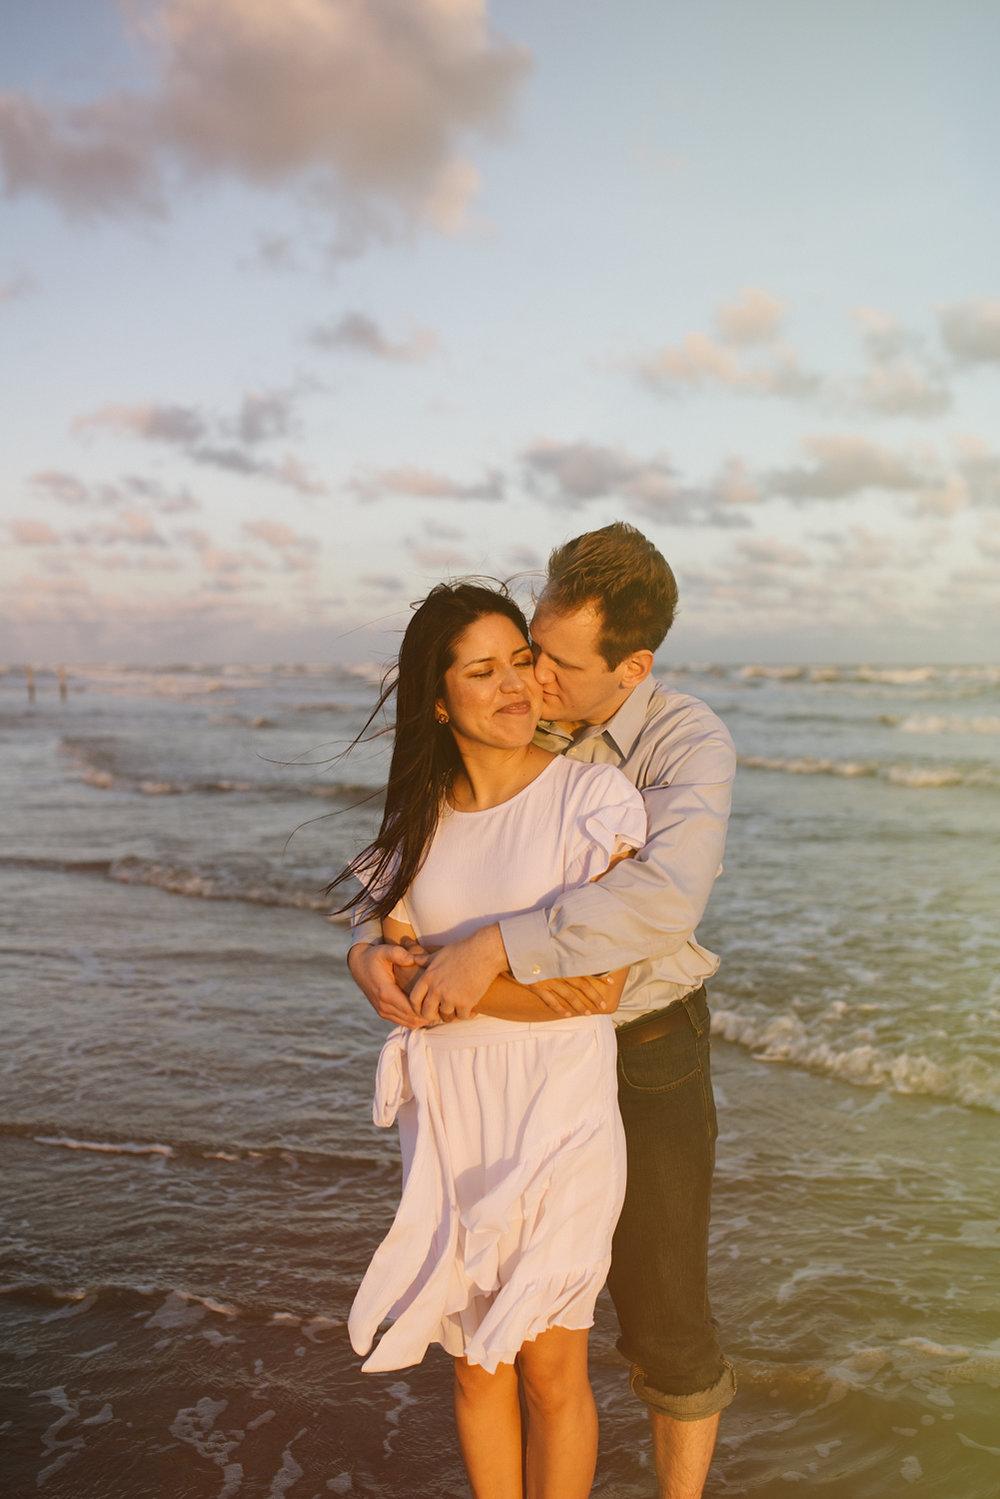 engagementsession-jackieandrobert-winterwedding-christmaswedding-love-wedding-weddings-houstonweddings-houstonengagments-texasweddings-20.jpg